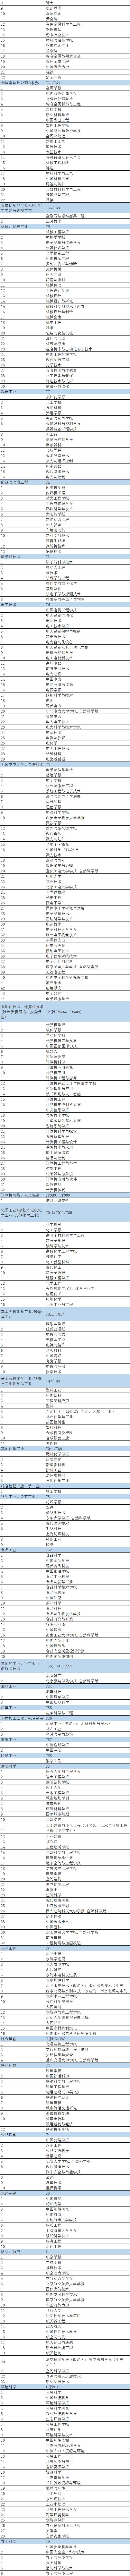 2020版中文核心bob电竞唯一官网要目总览(完整版)